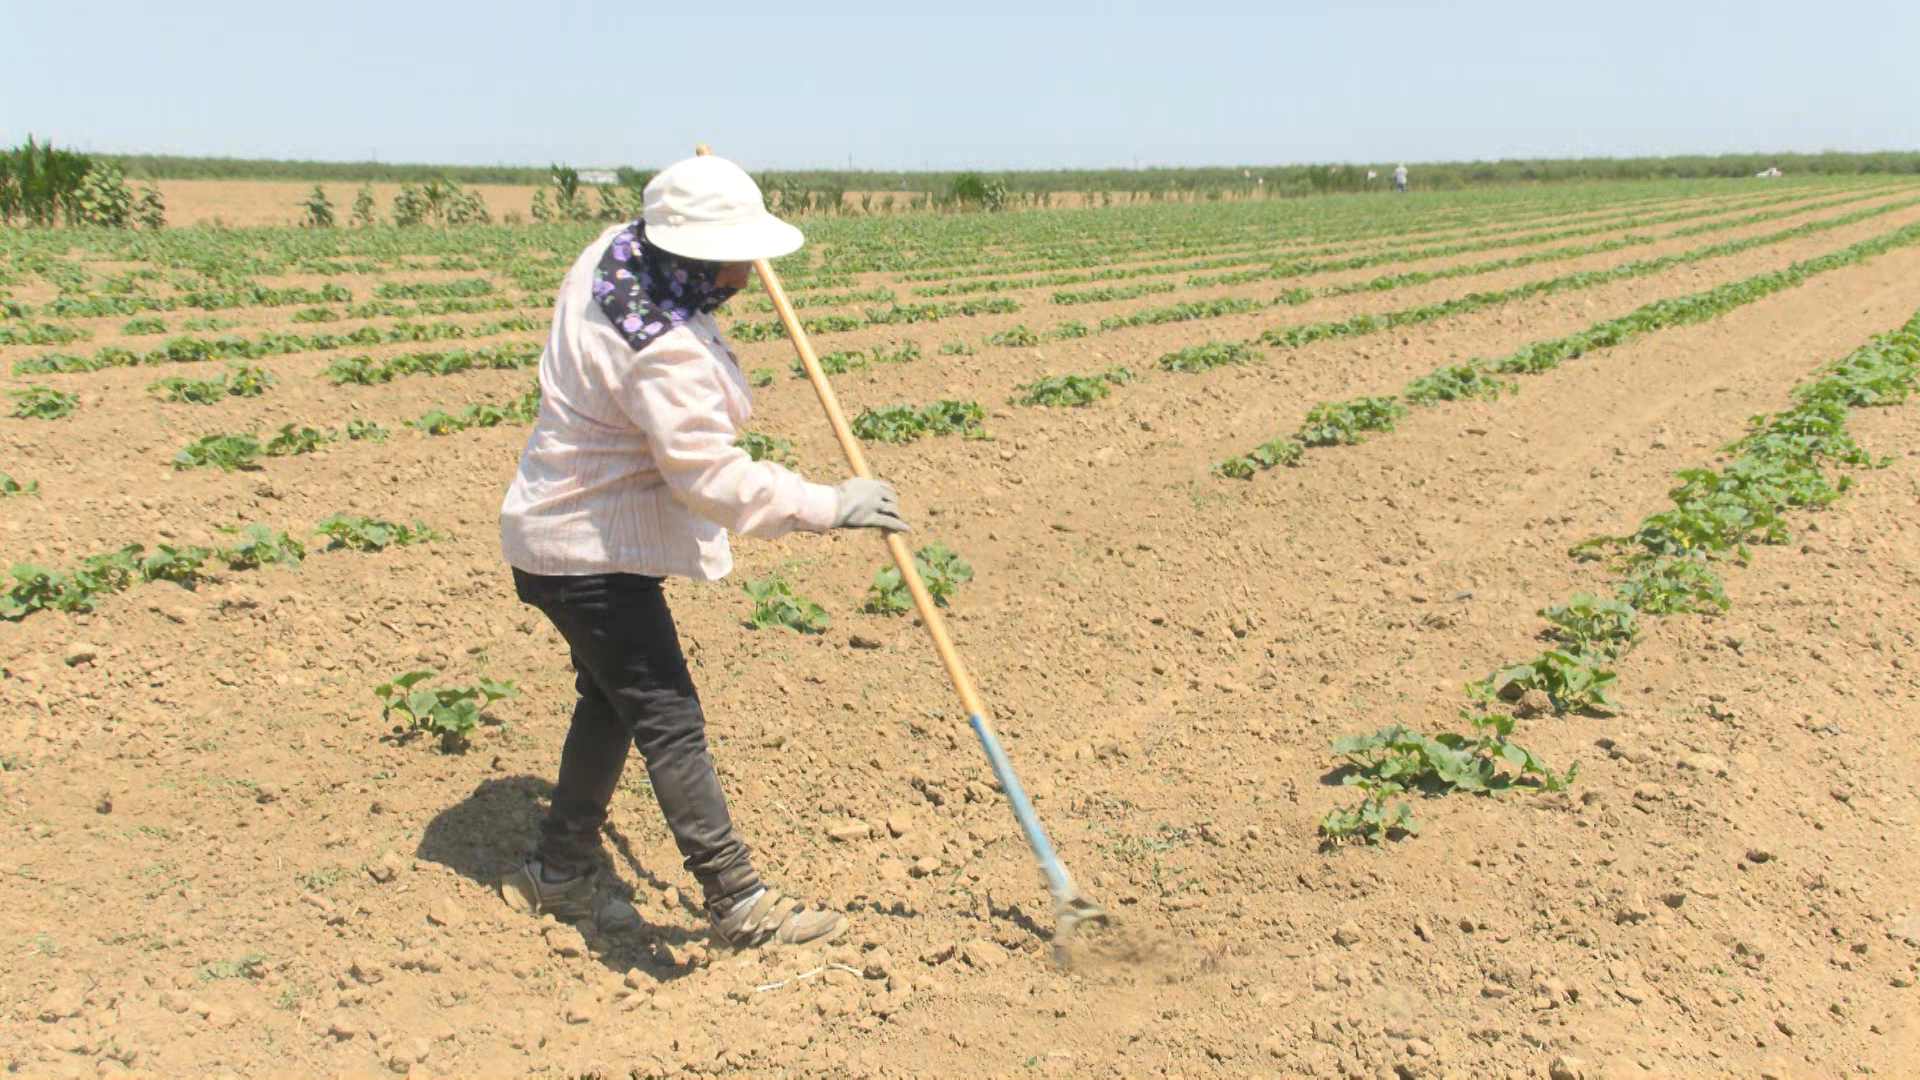 Farmworker works in the heat at Del Bosque farms